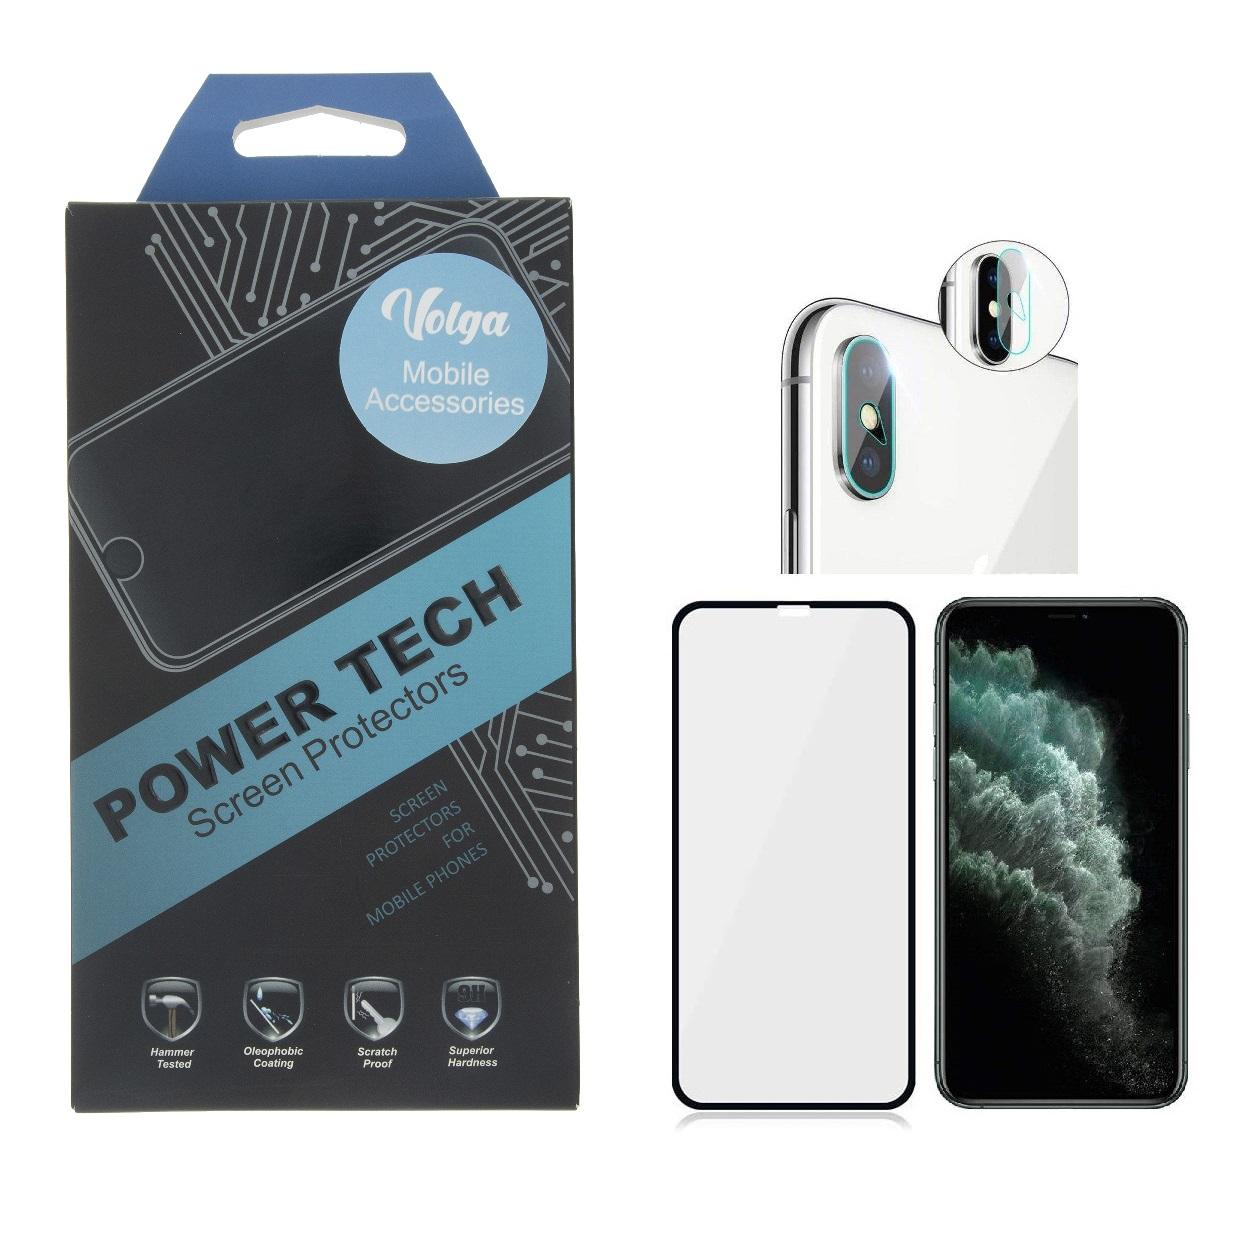 خرید اینترنتی محافظ صفحه نمایش ولگا مدل Powertech مناسب برای گوشی موبایل اپل Iphone X به همراه محافظ لنز دوربین اورجینال